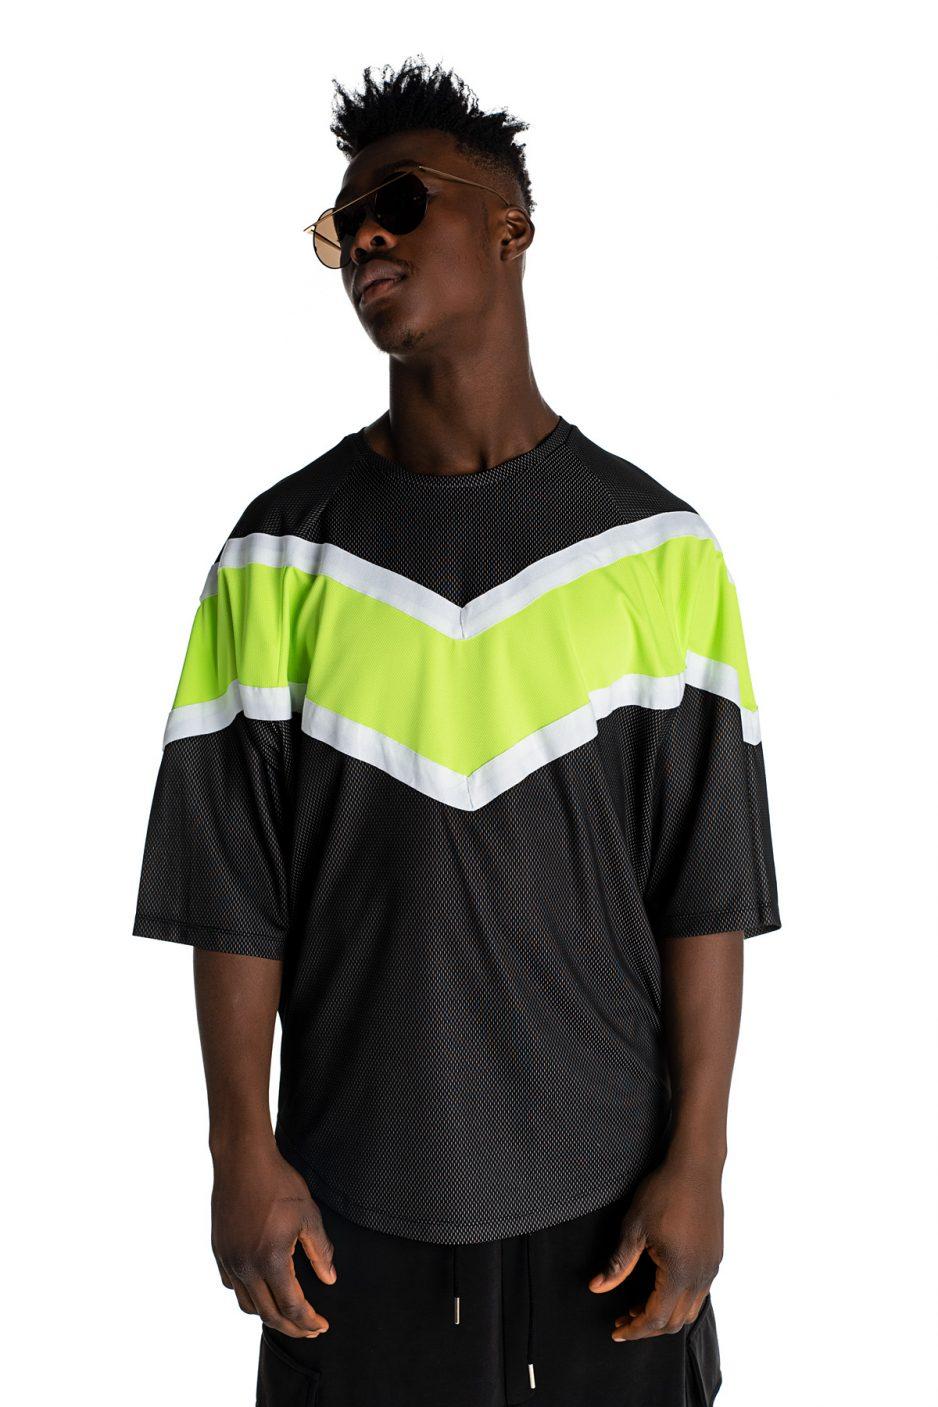 Ριχτό t-shirt με λεπτομέρειες neon